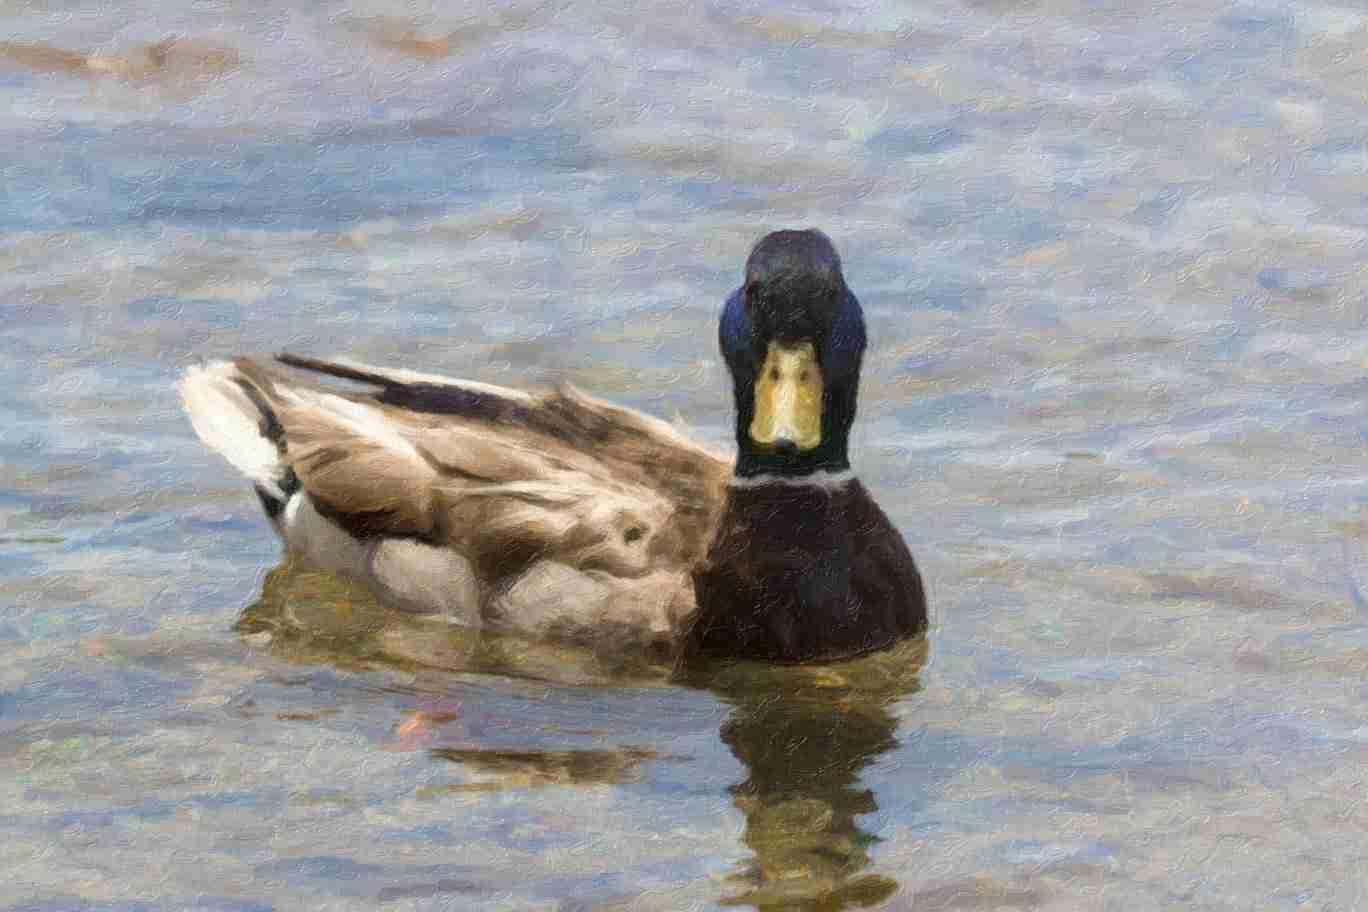 Print of a Male Mallard Duck Swimming